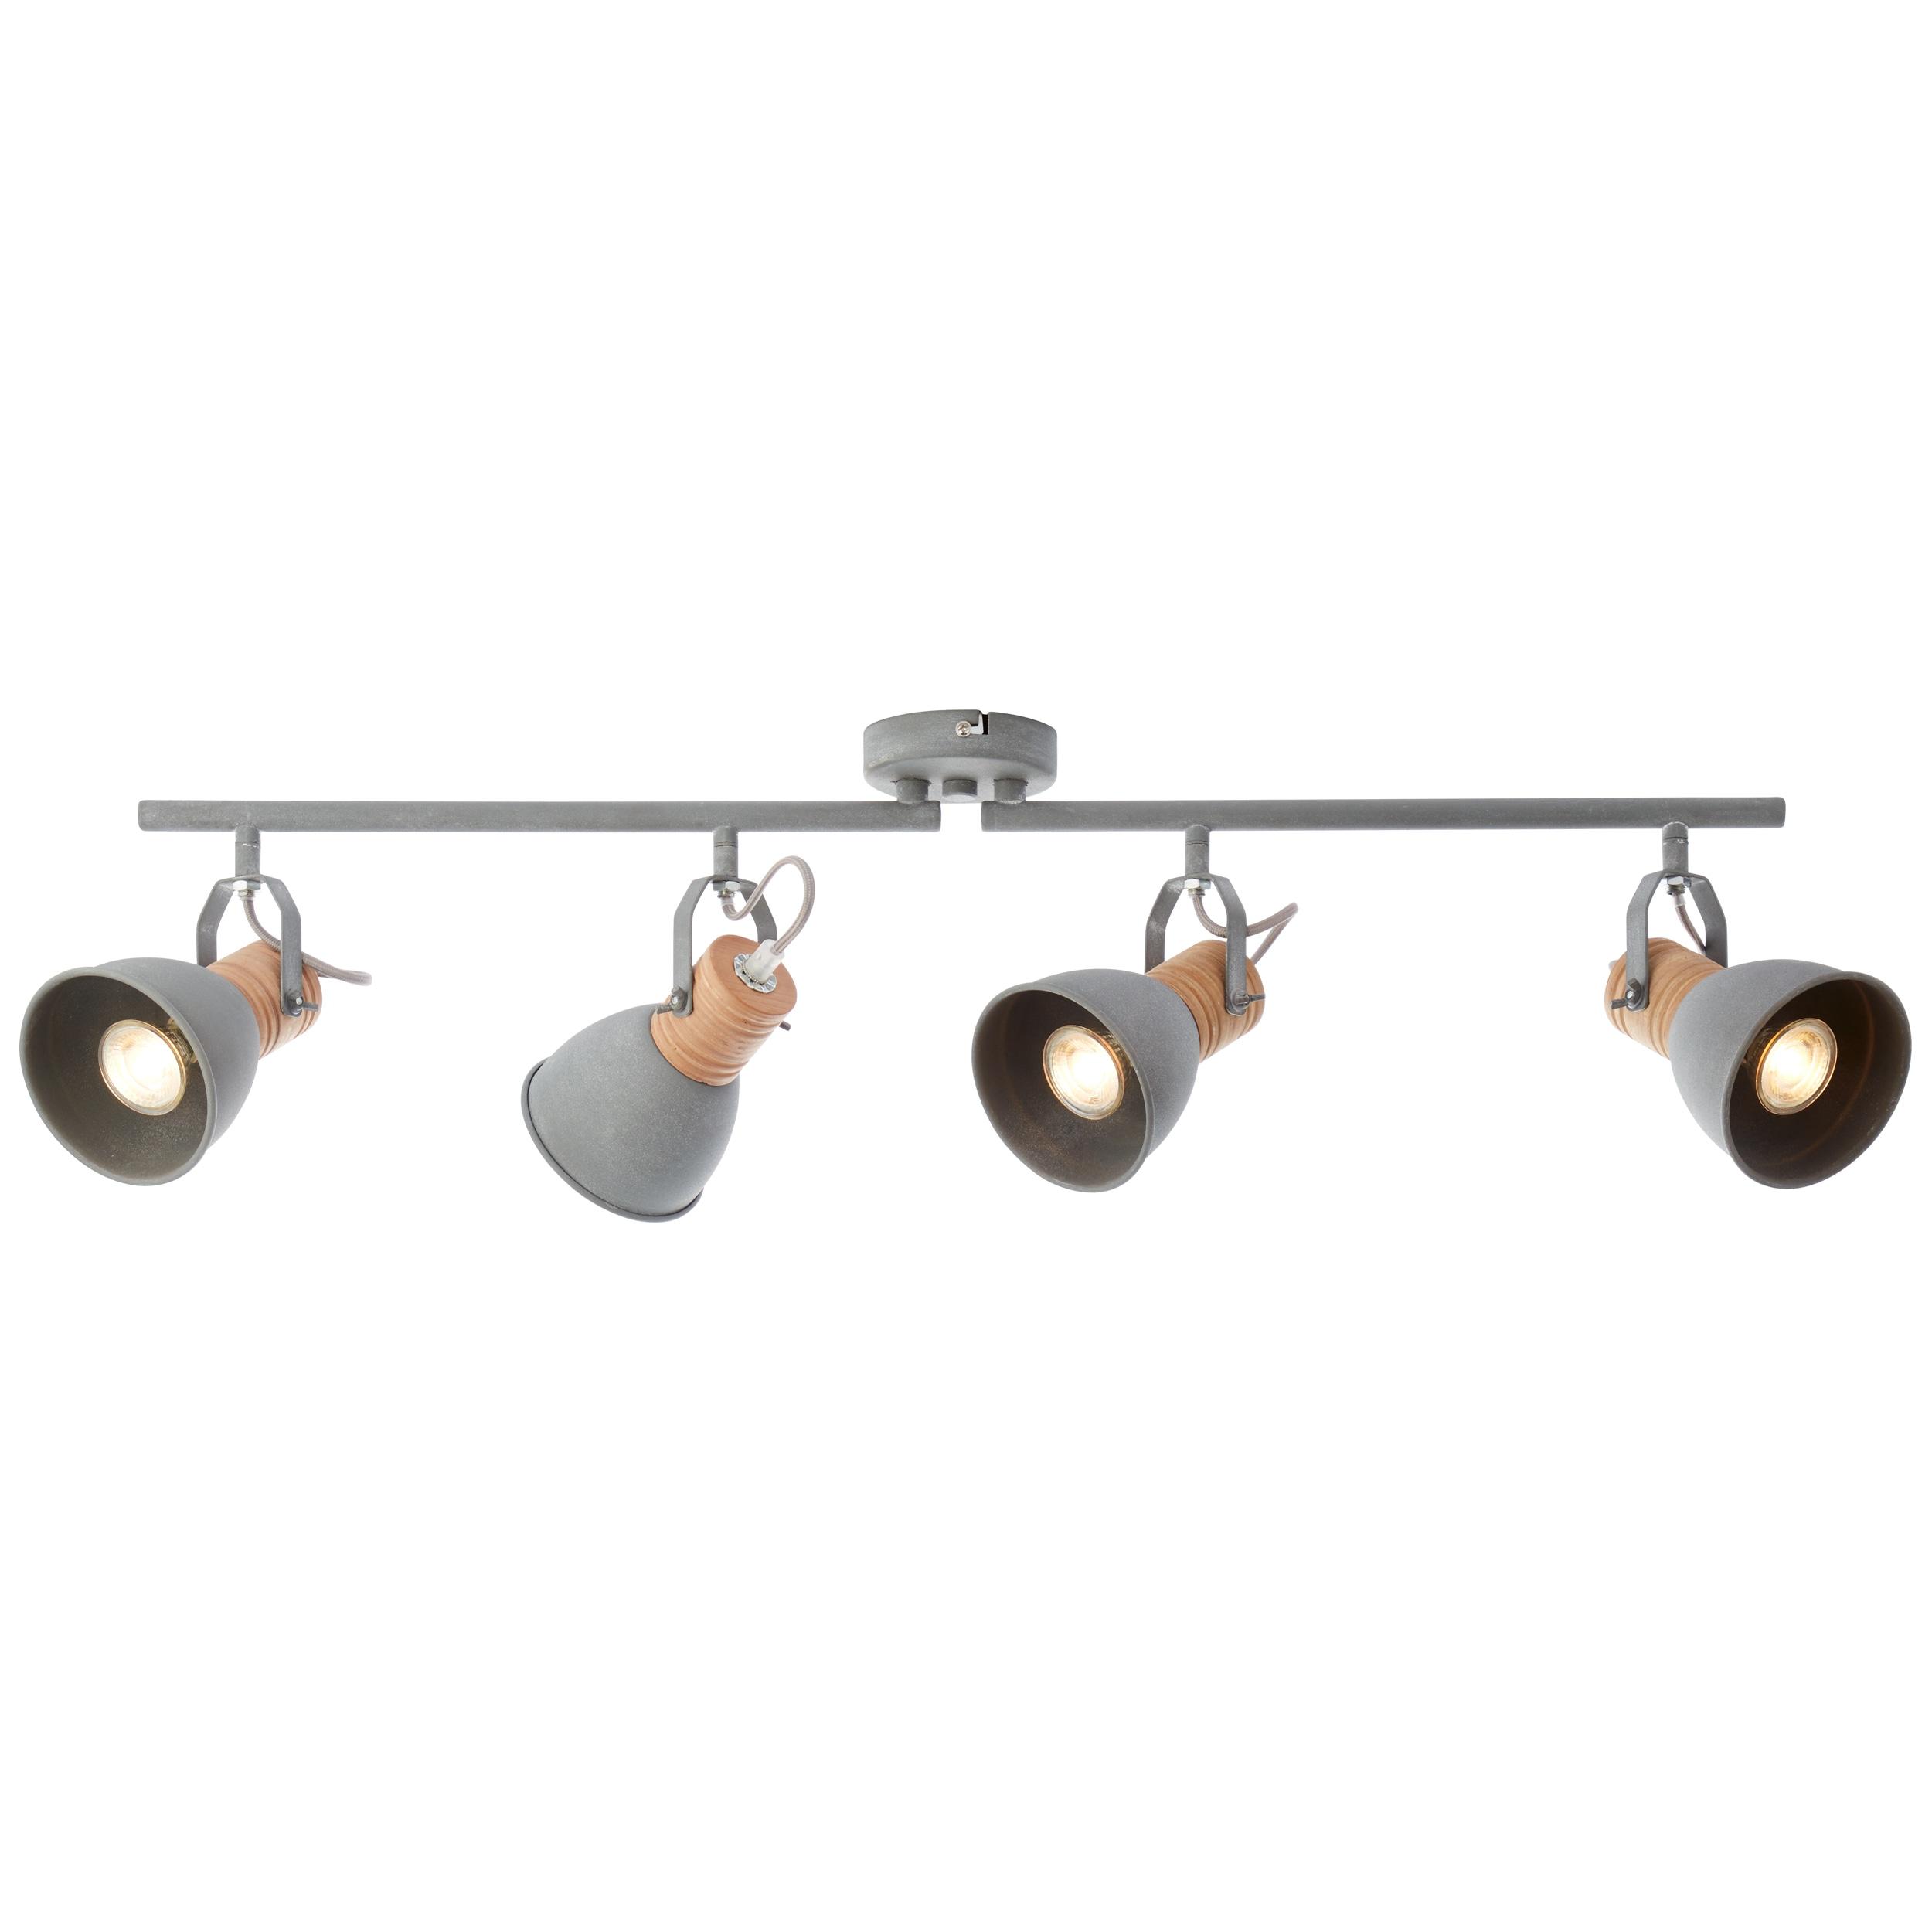 Brilliant Leuchten Frieda LED Spotrohr 4flg holz antik/beton